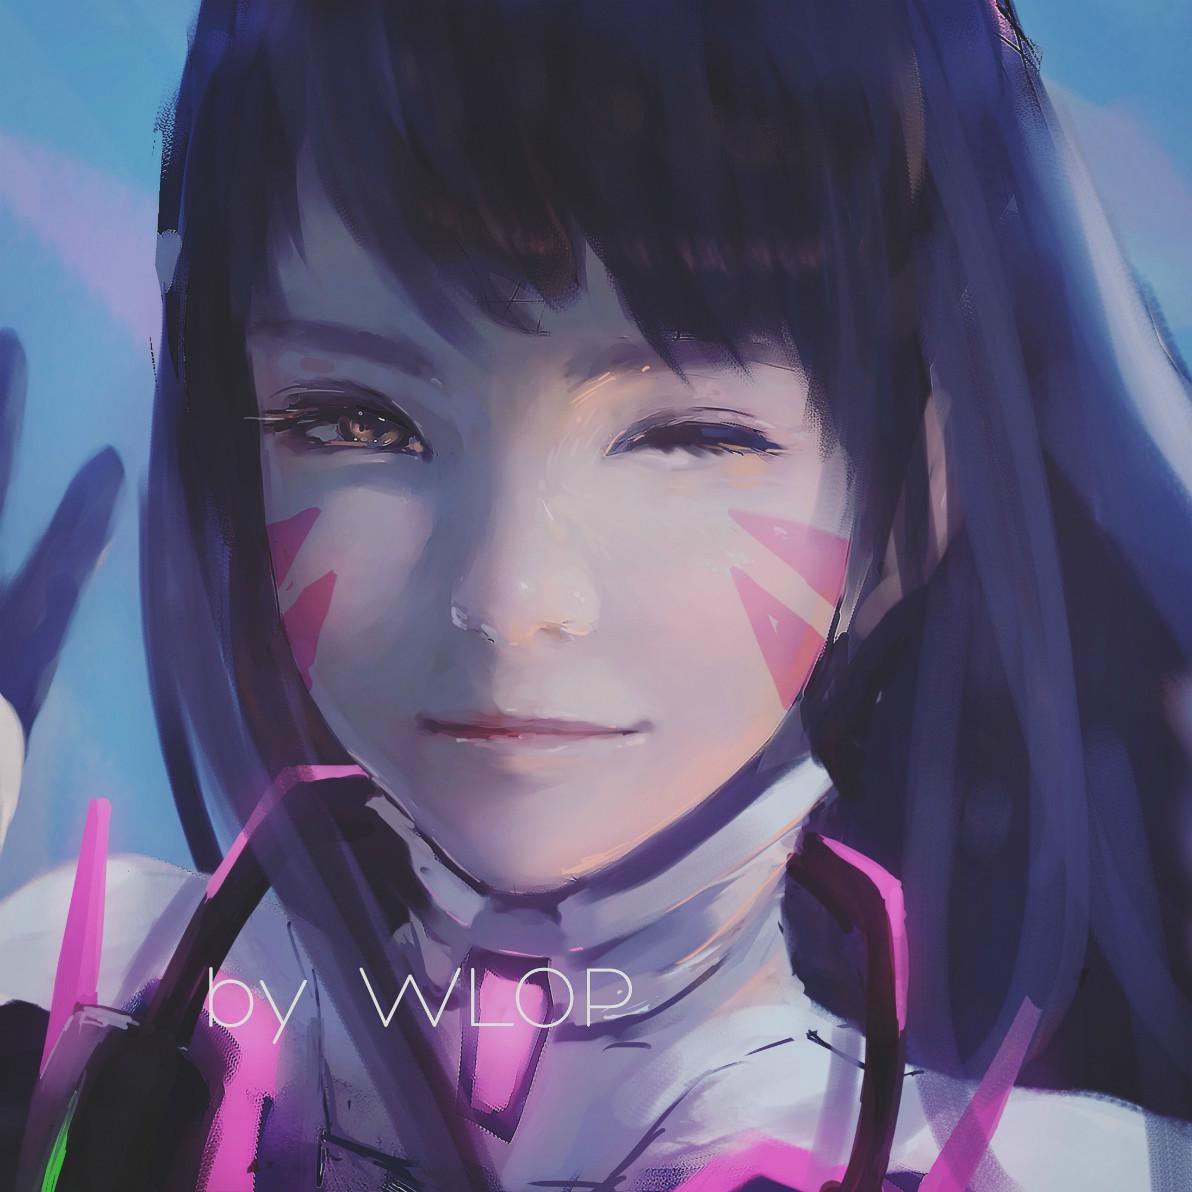 A incrível arte digital de Wang Ling